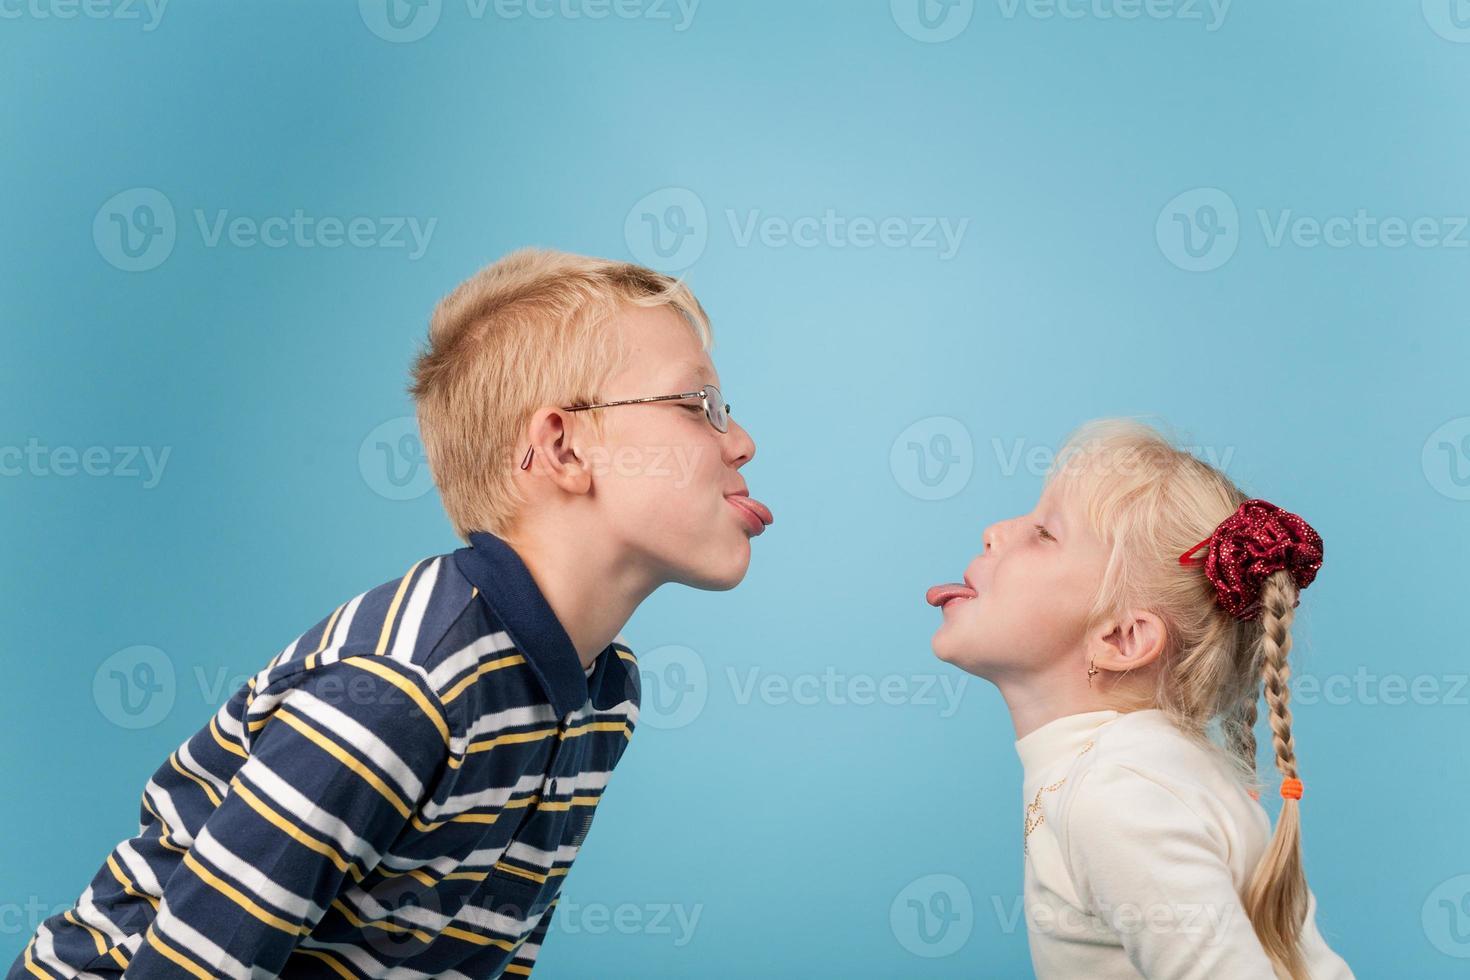 un ragazzo e una ragazza si sporgono l'un l'altro le lingue foto